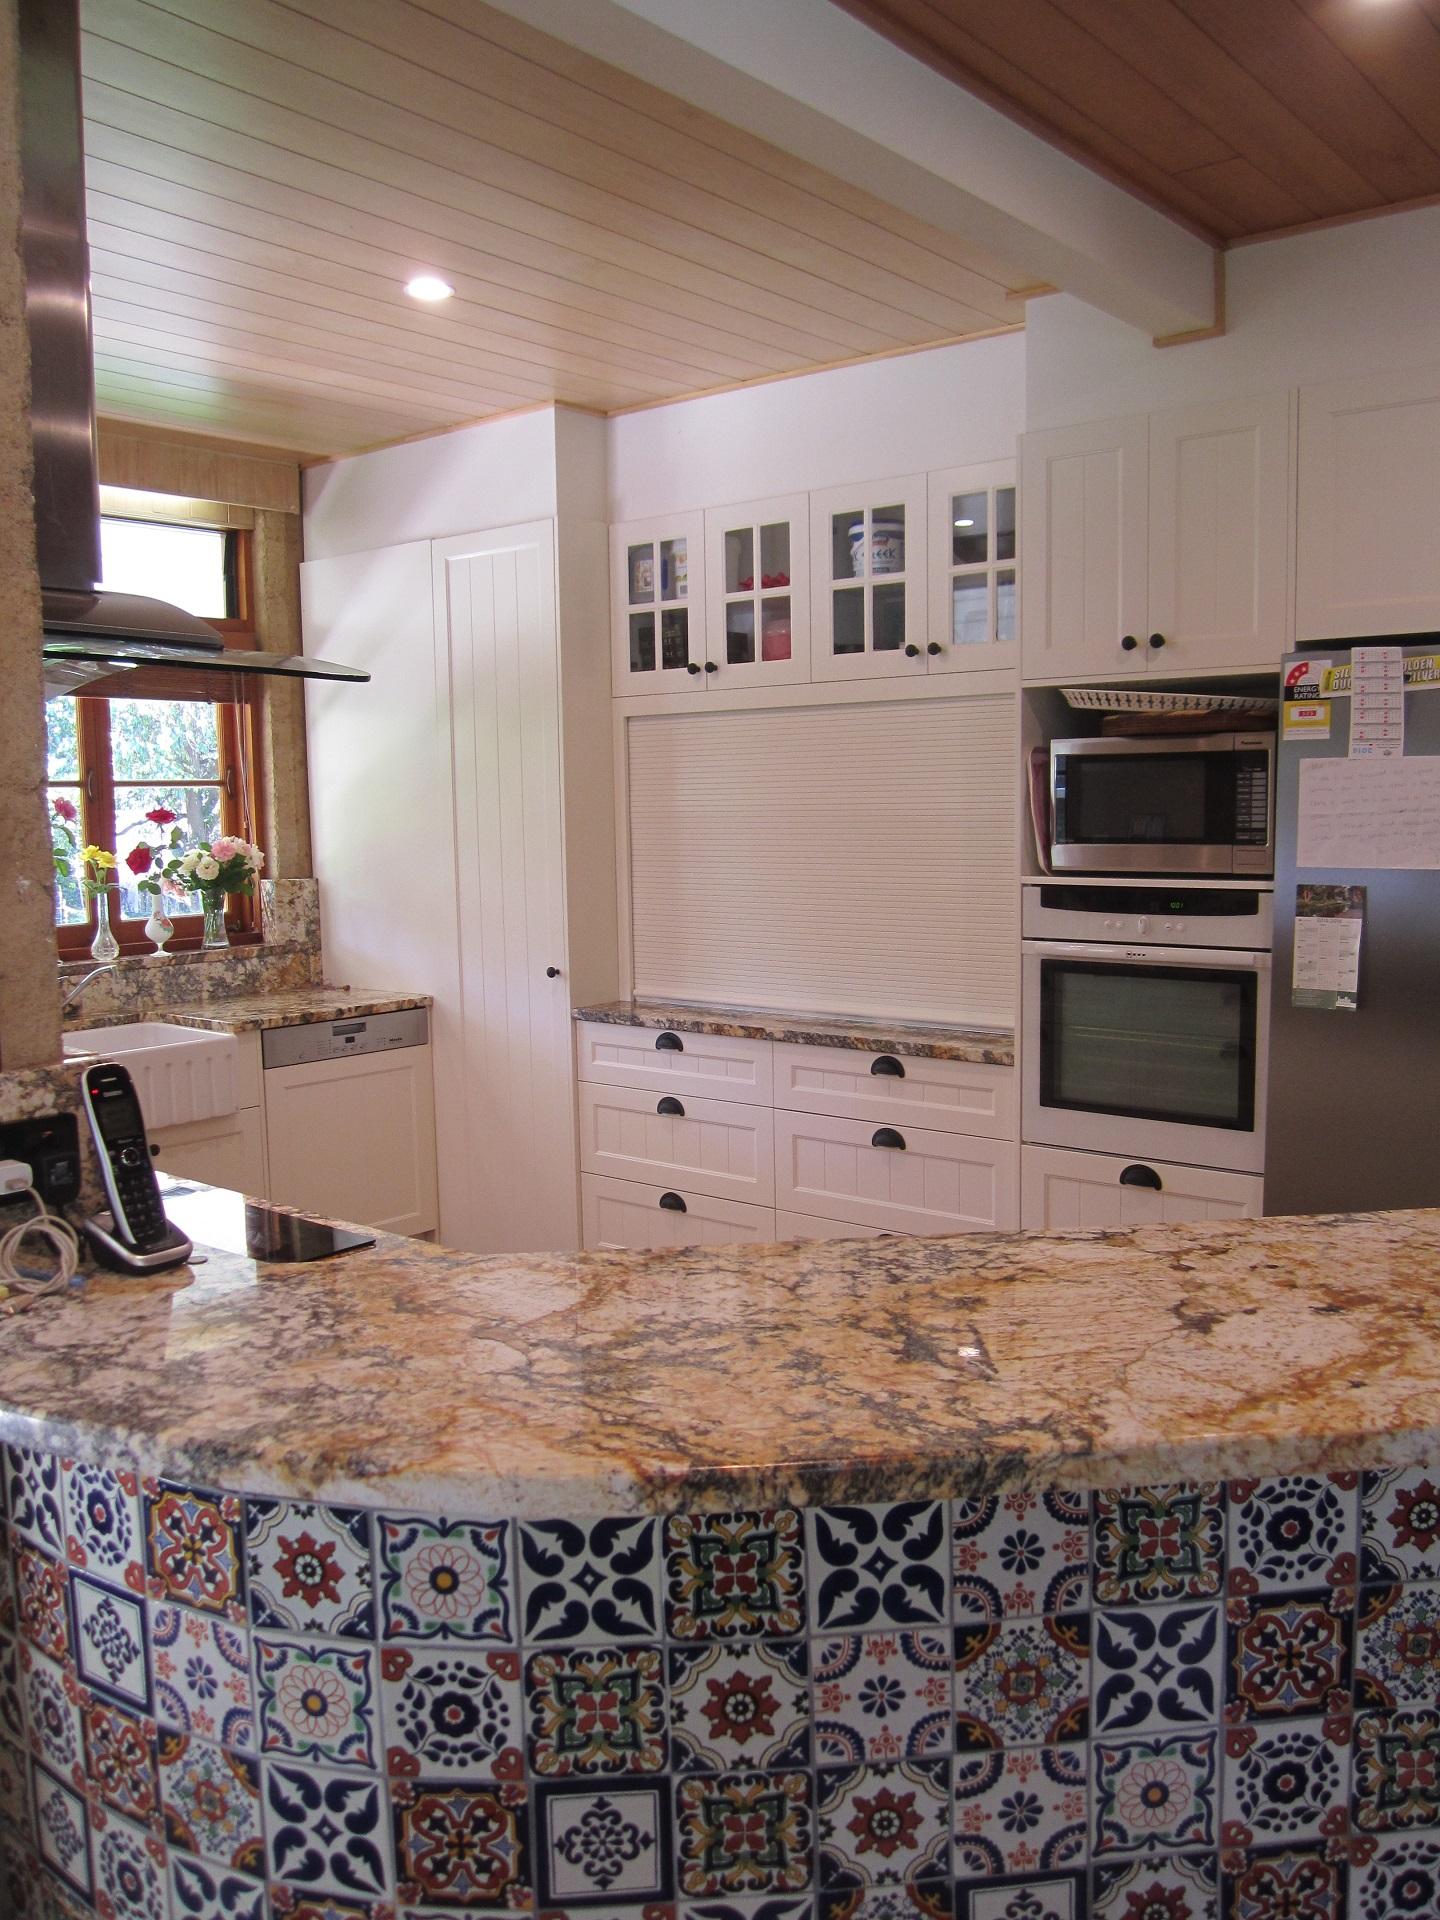 Brisbane Kitchen Design Samford  Traditional Kitchen Renovation (4)